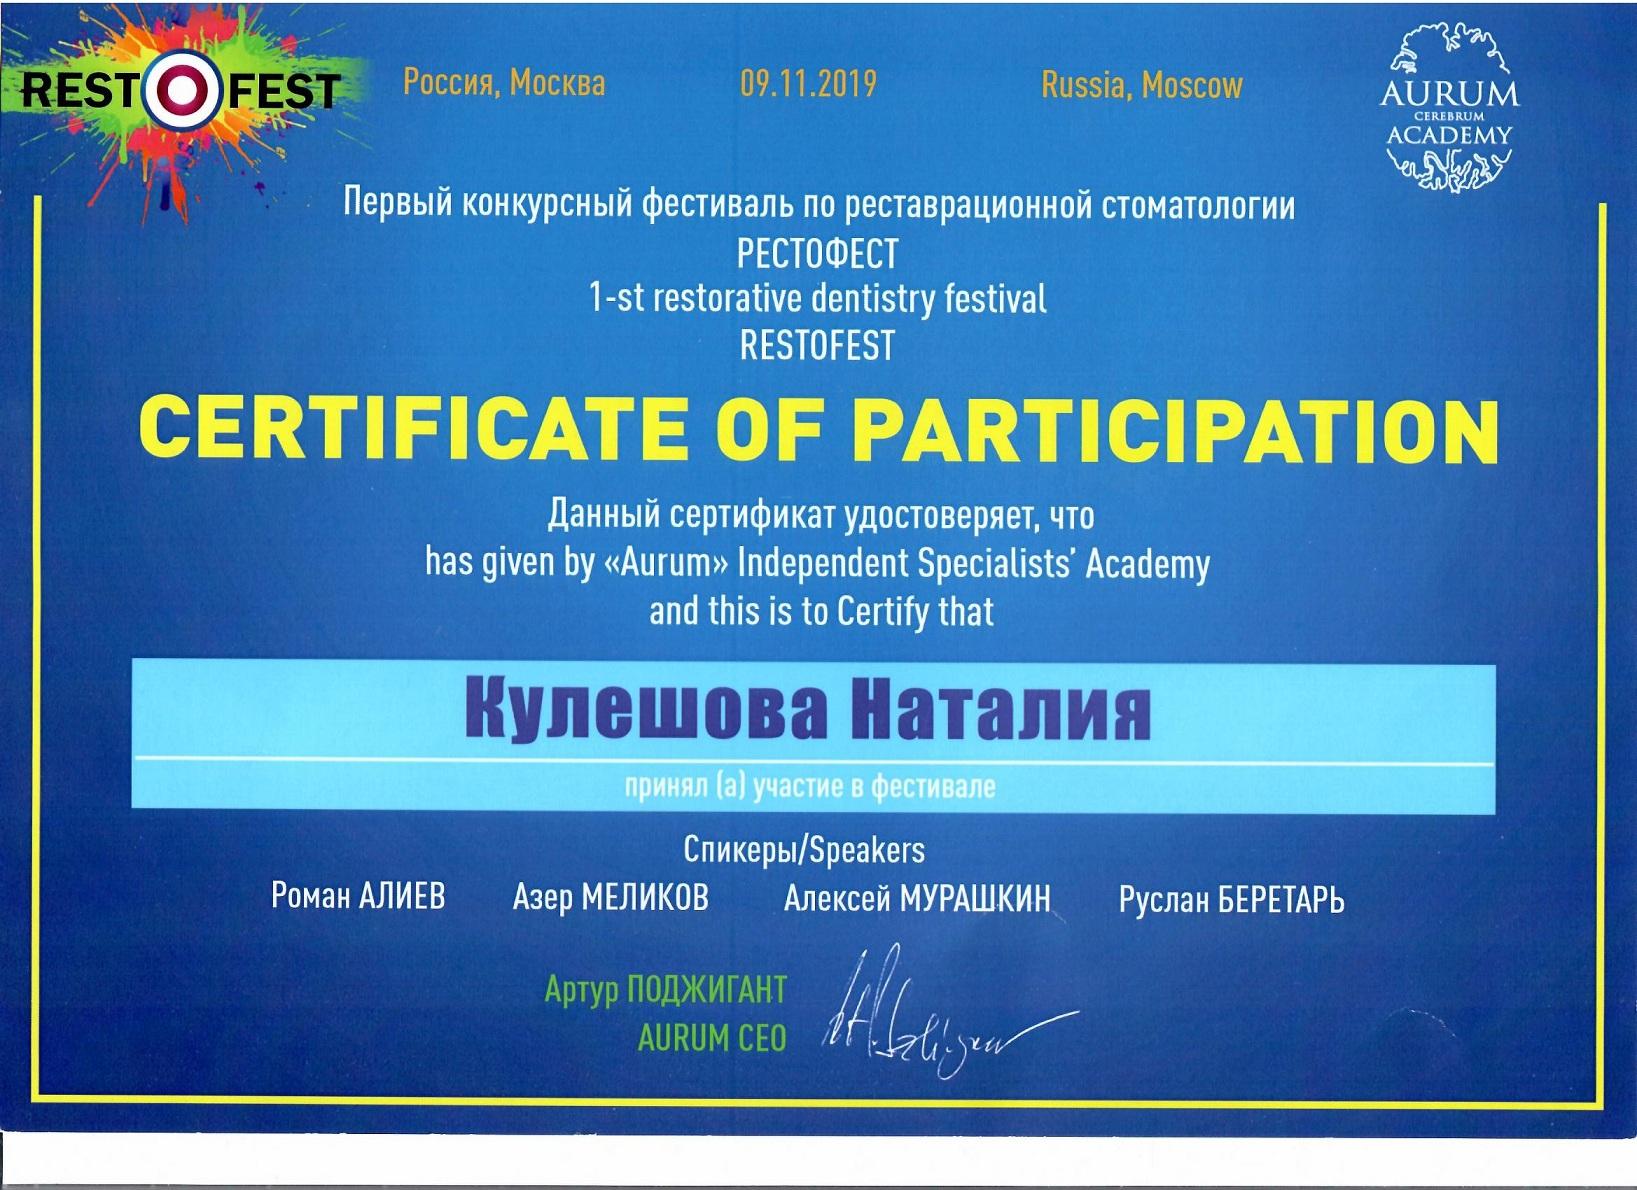 2019 участие в фестивале по реставрационной стоматологии